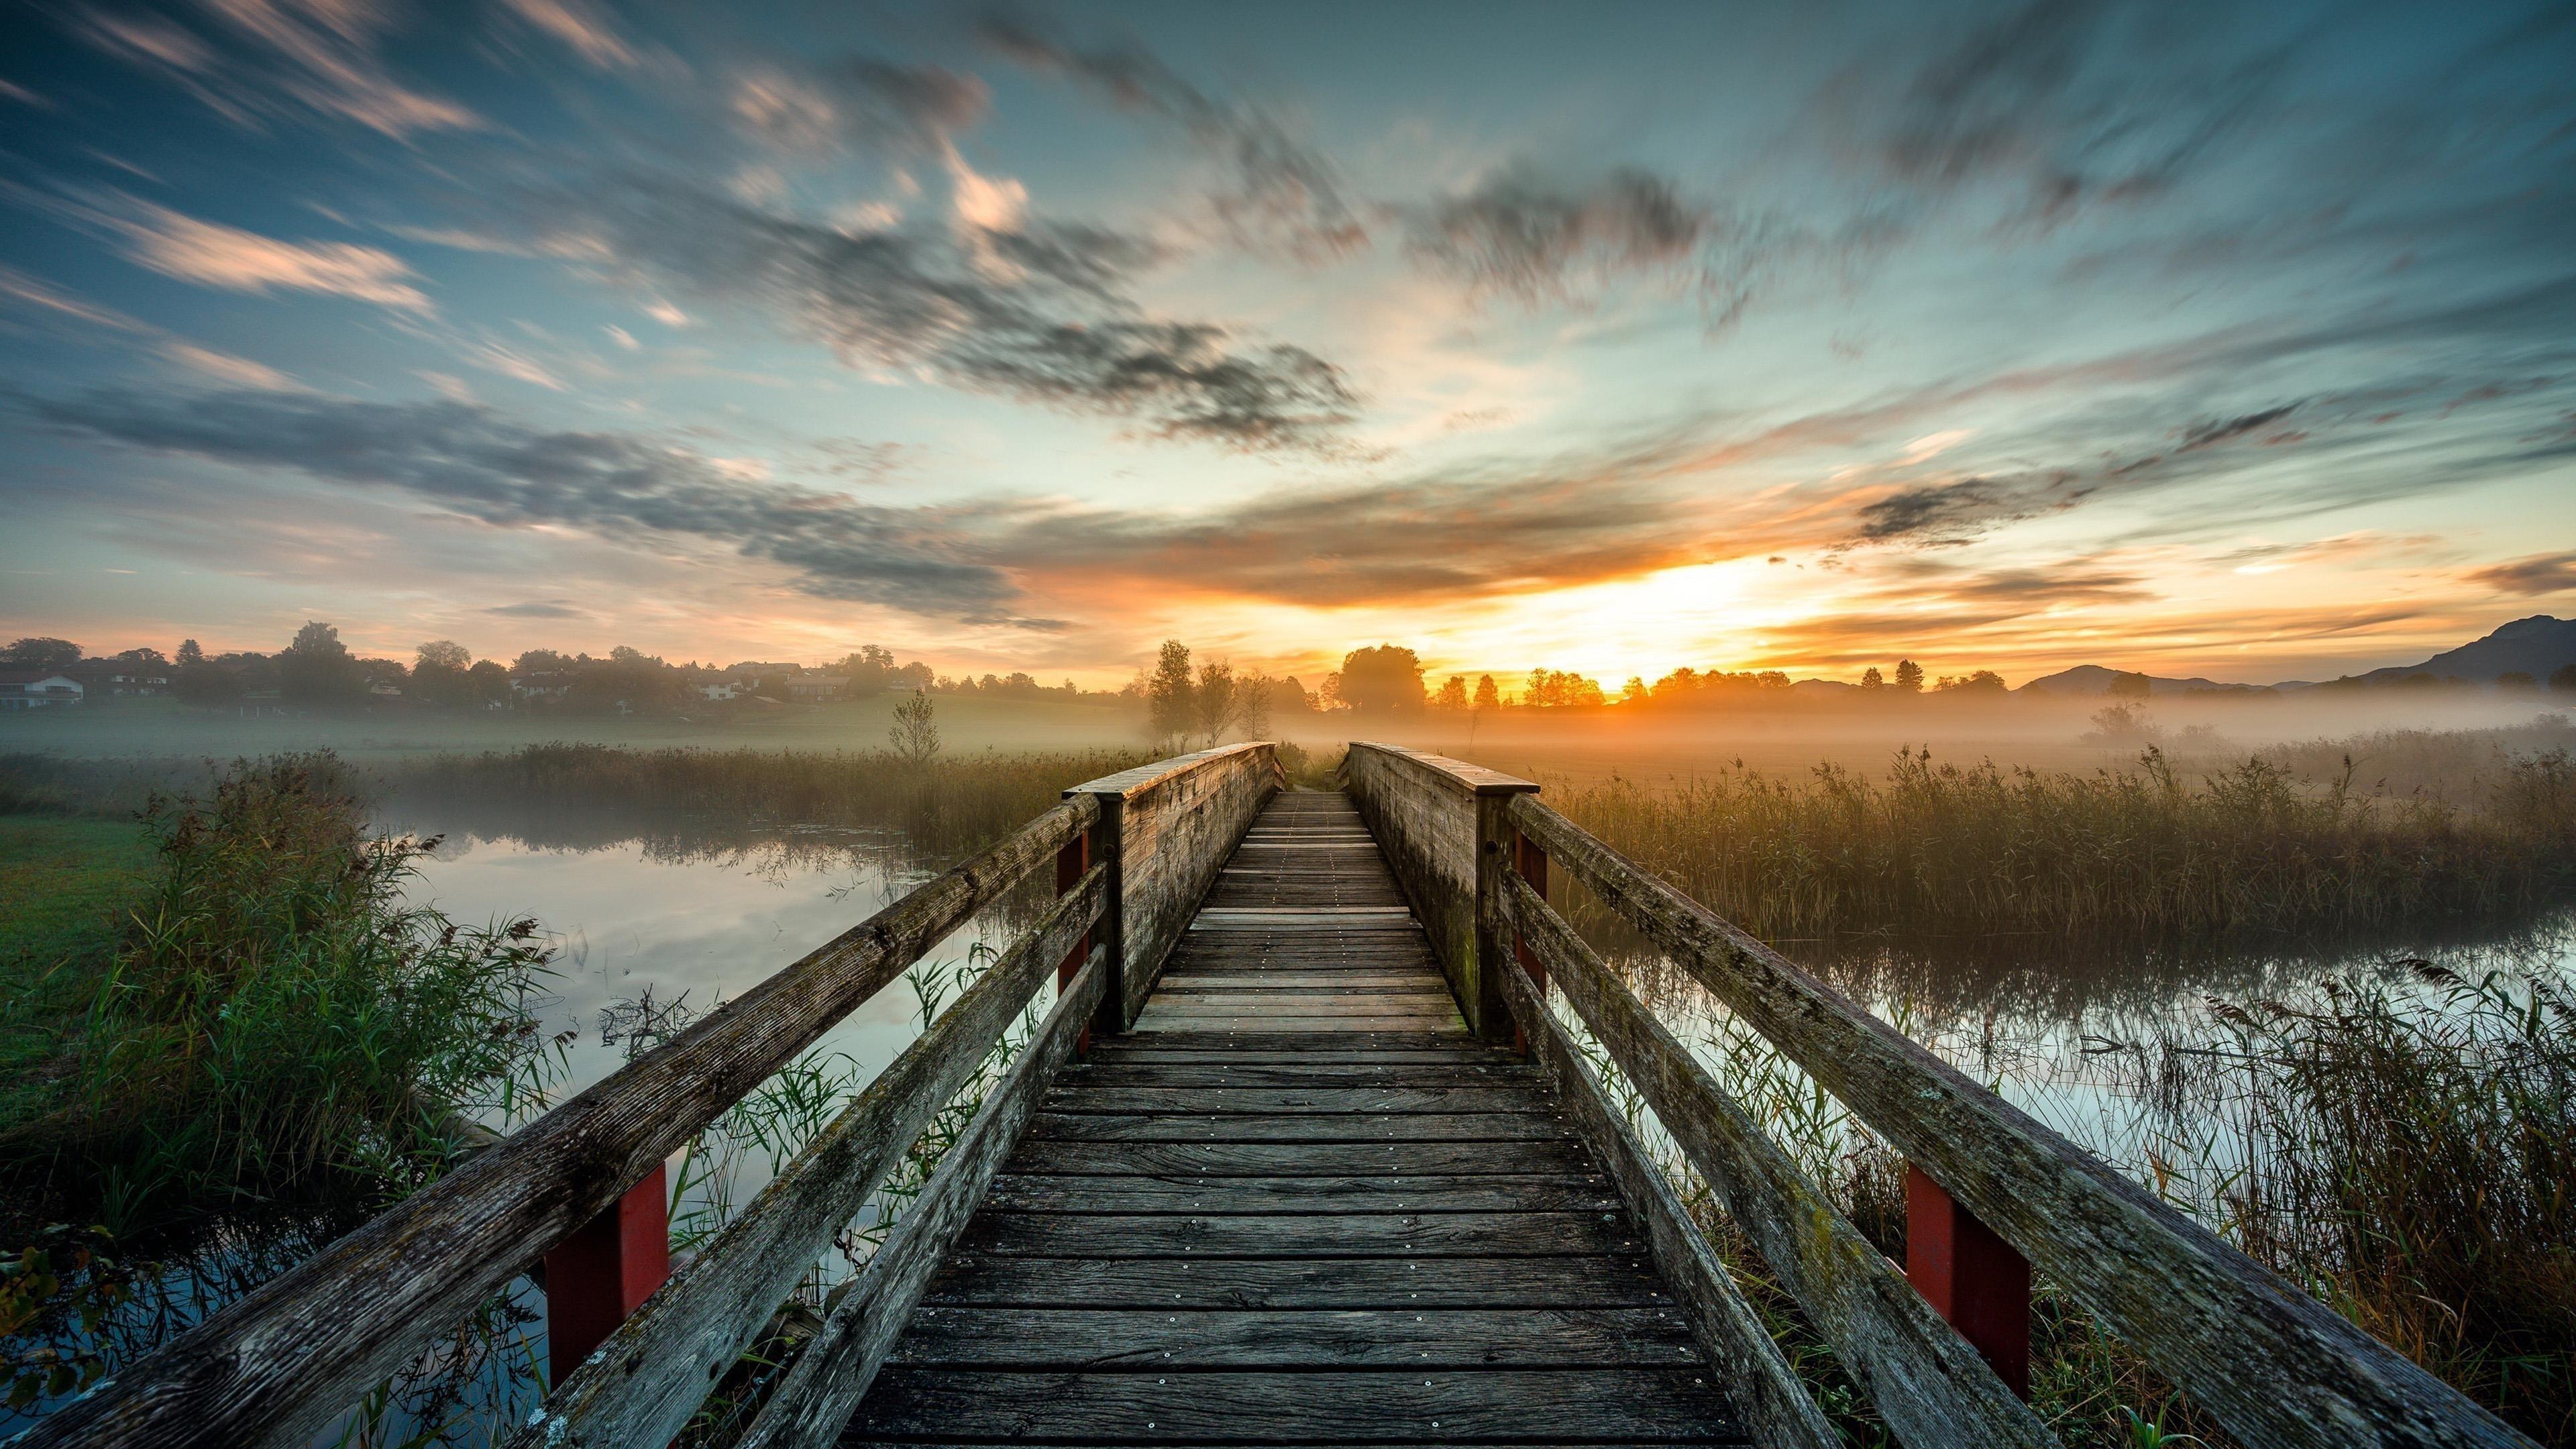 Деревянный мост и озеро под голубым небом с облаками во время заката природа обои скачать